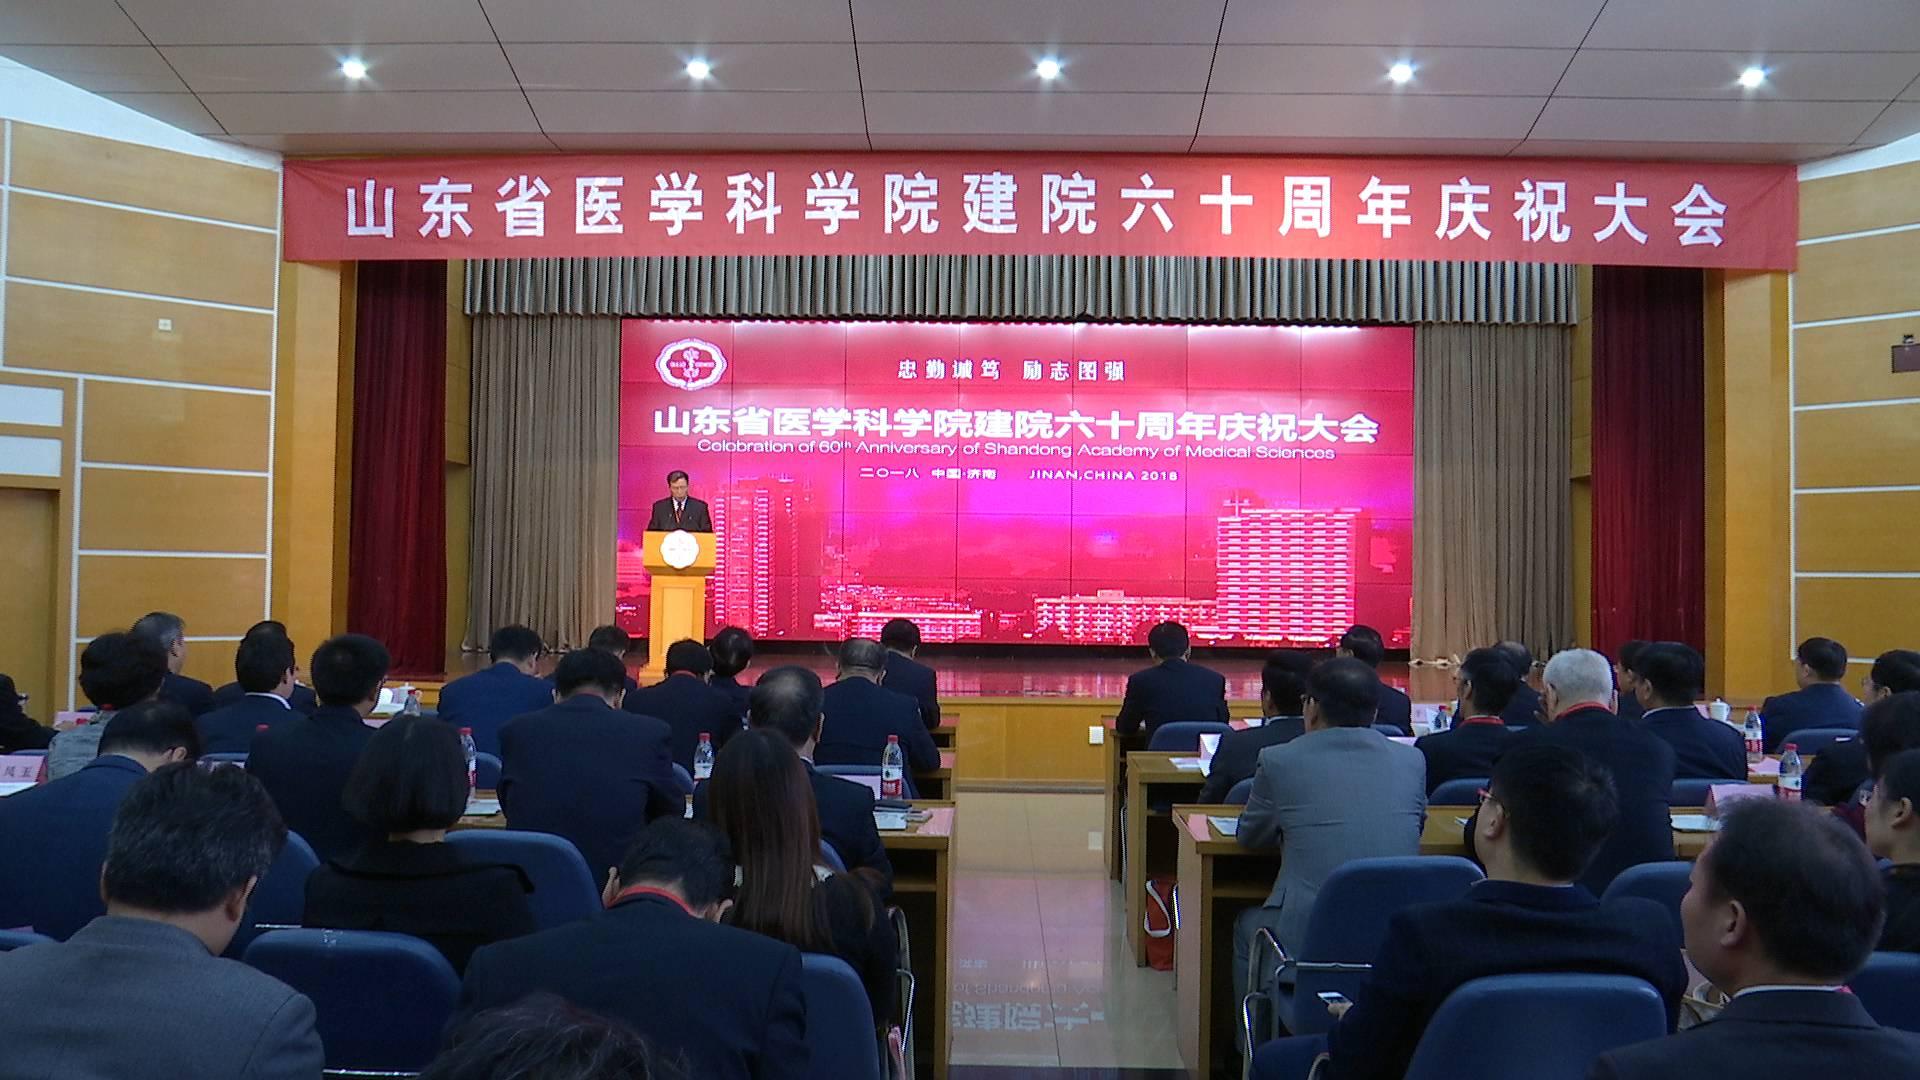 山东省医学科学院举行建院60周年庆祝大会